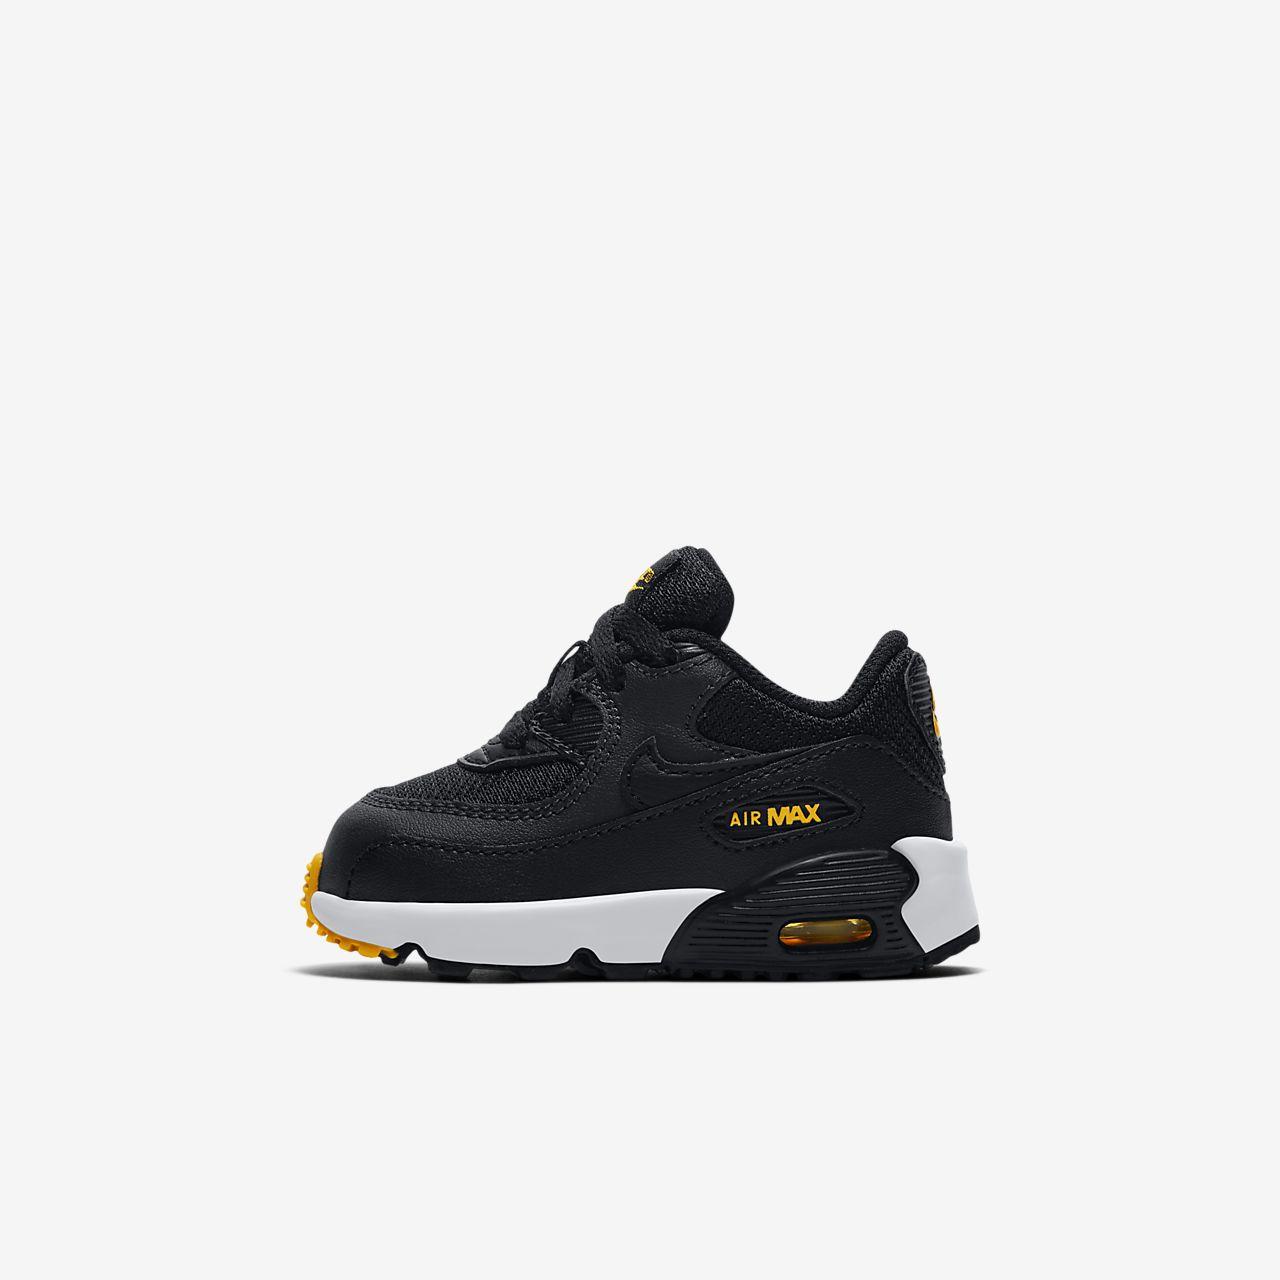 factory authentic e6ff6 da8ee ... Chaussure Nike Air Max 90 Mesh pour Bébé Petit enfant (17-27)